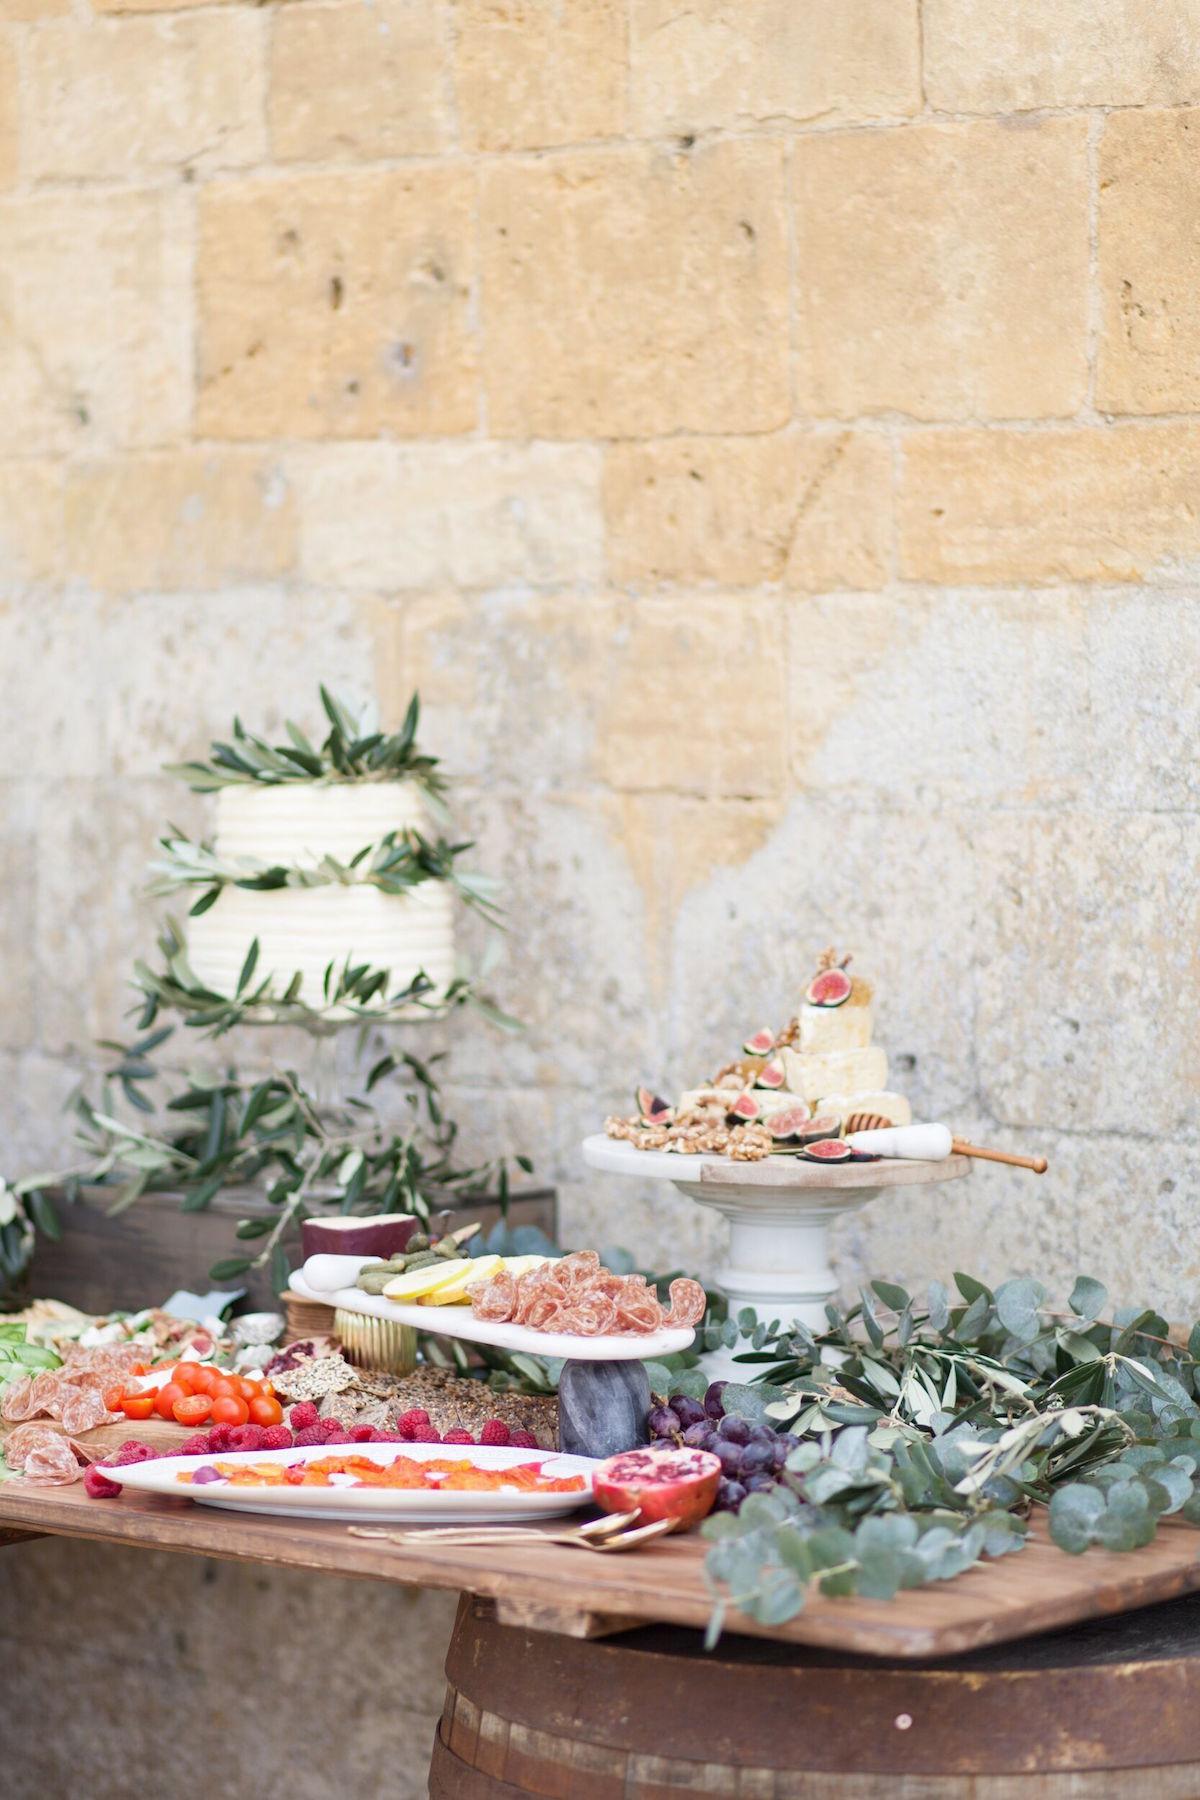 mediterranean-grazing-table-destination-wedding-curated-kitchen